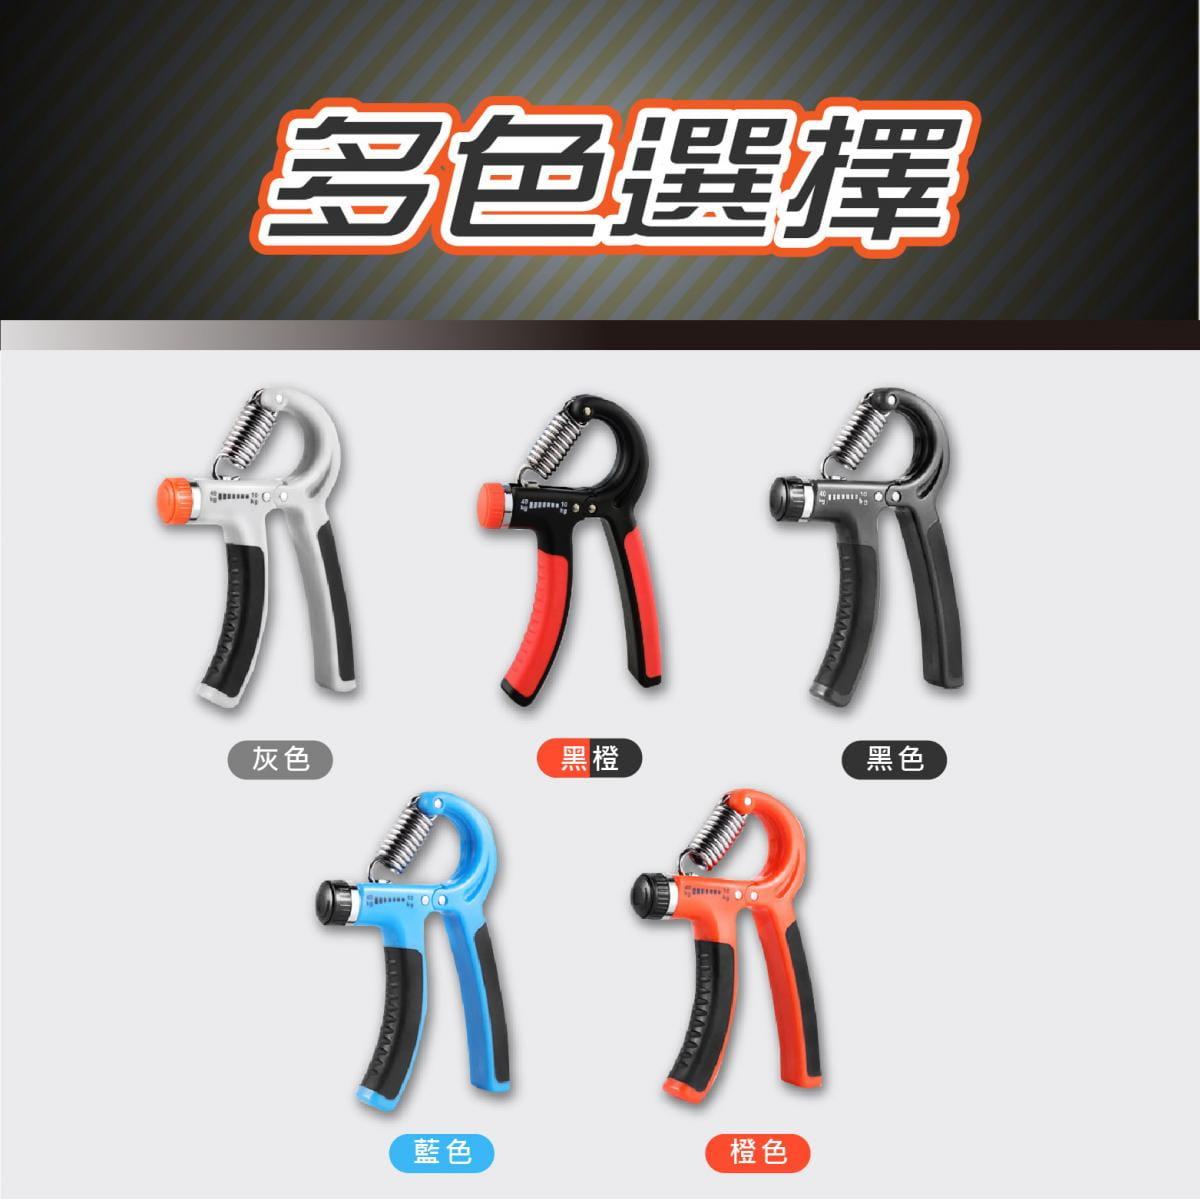 可調節式 握力器10~40KG 握力 腕力 握力訓練器 手腕訓練 腕力器 健身器材 紓壓 增肌 7